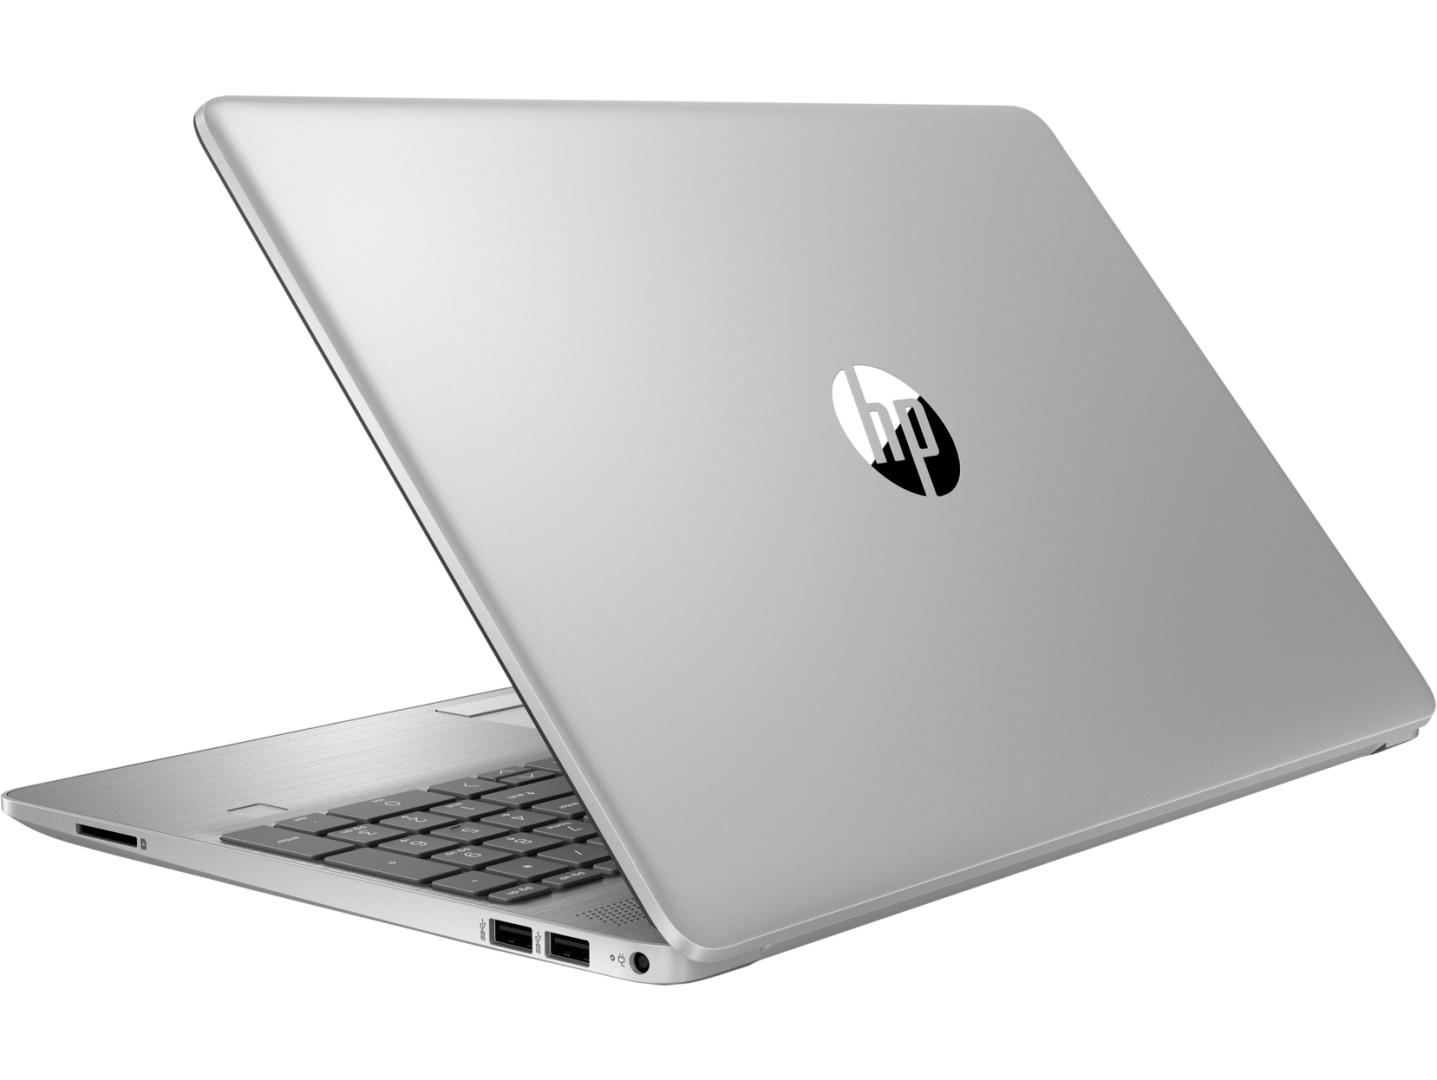 """NOTEBOOK HP 250G8 15.6"""" FHD i5-1035G1 8GB 256GB UMA DOS - imaginea 4"""